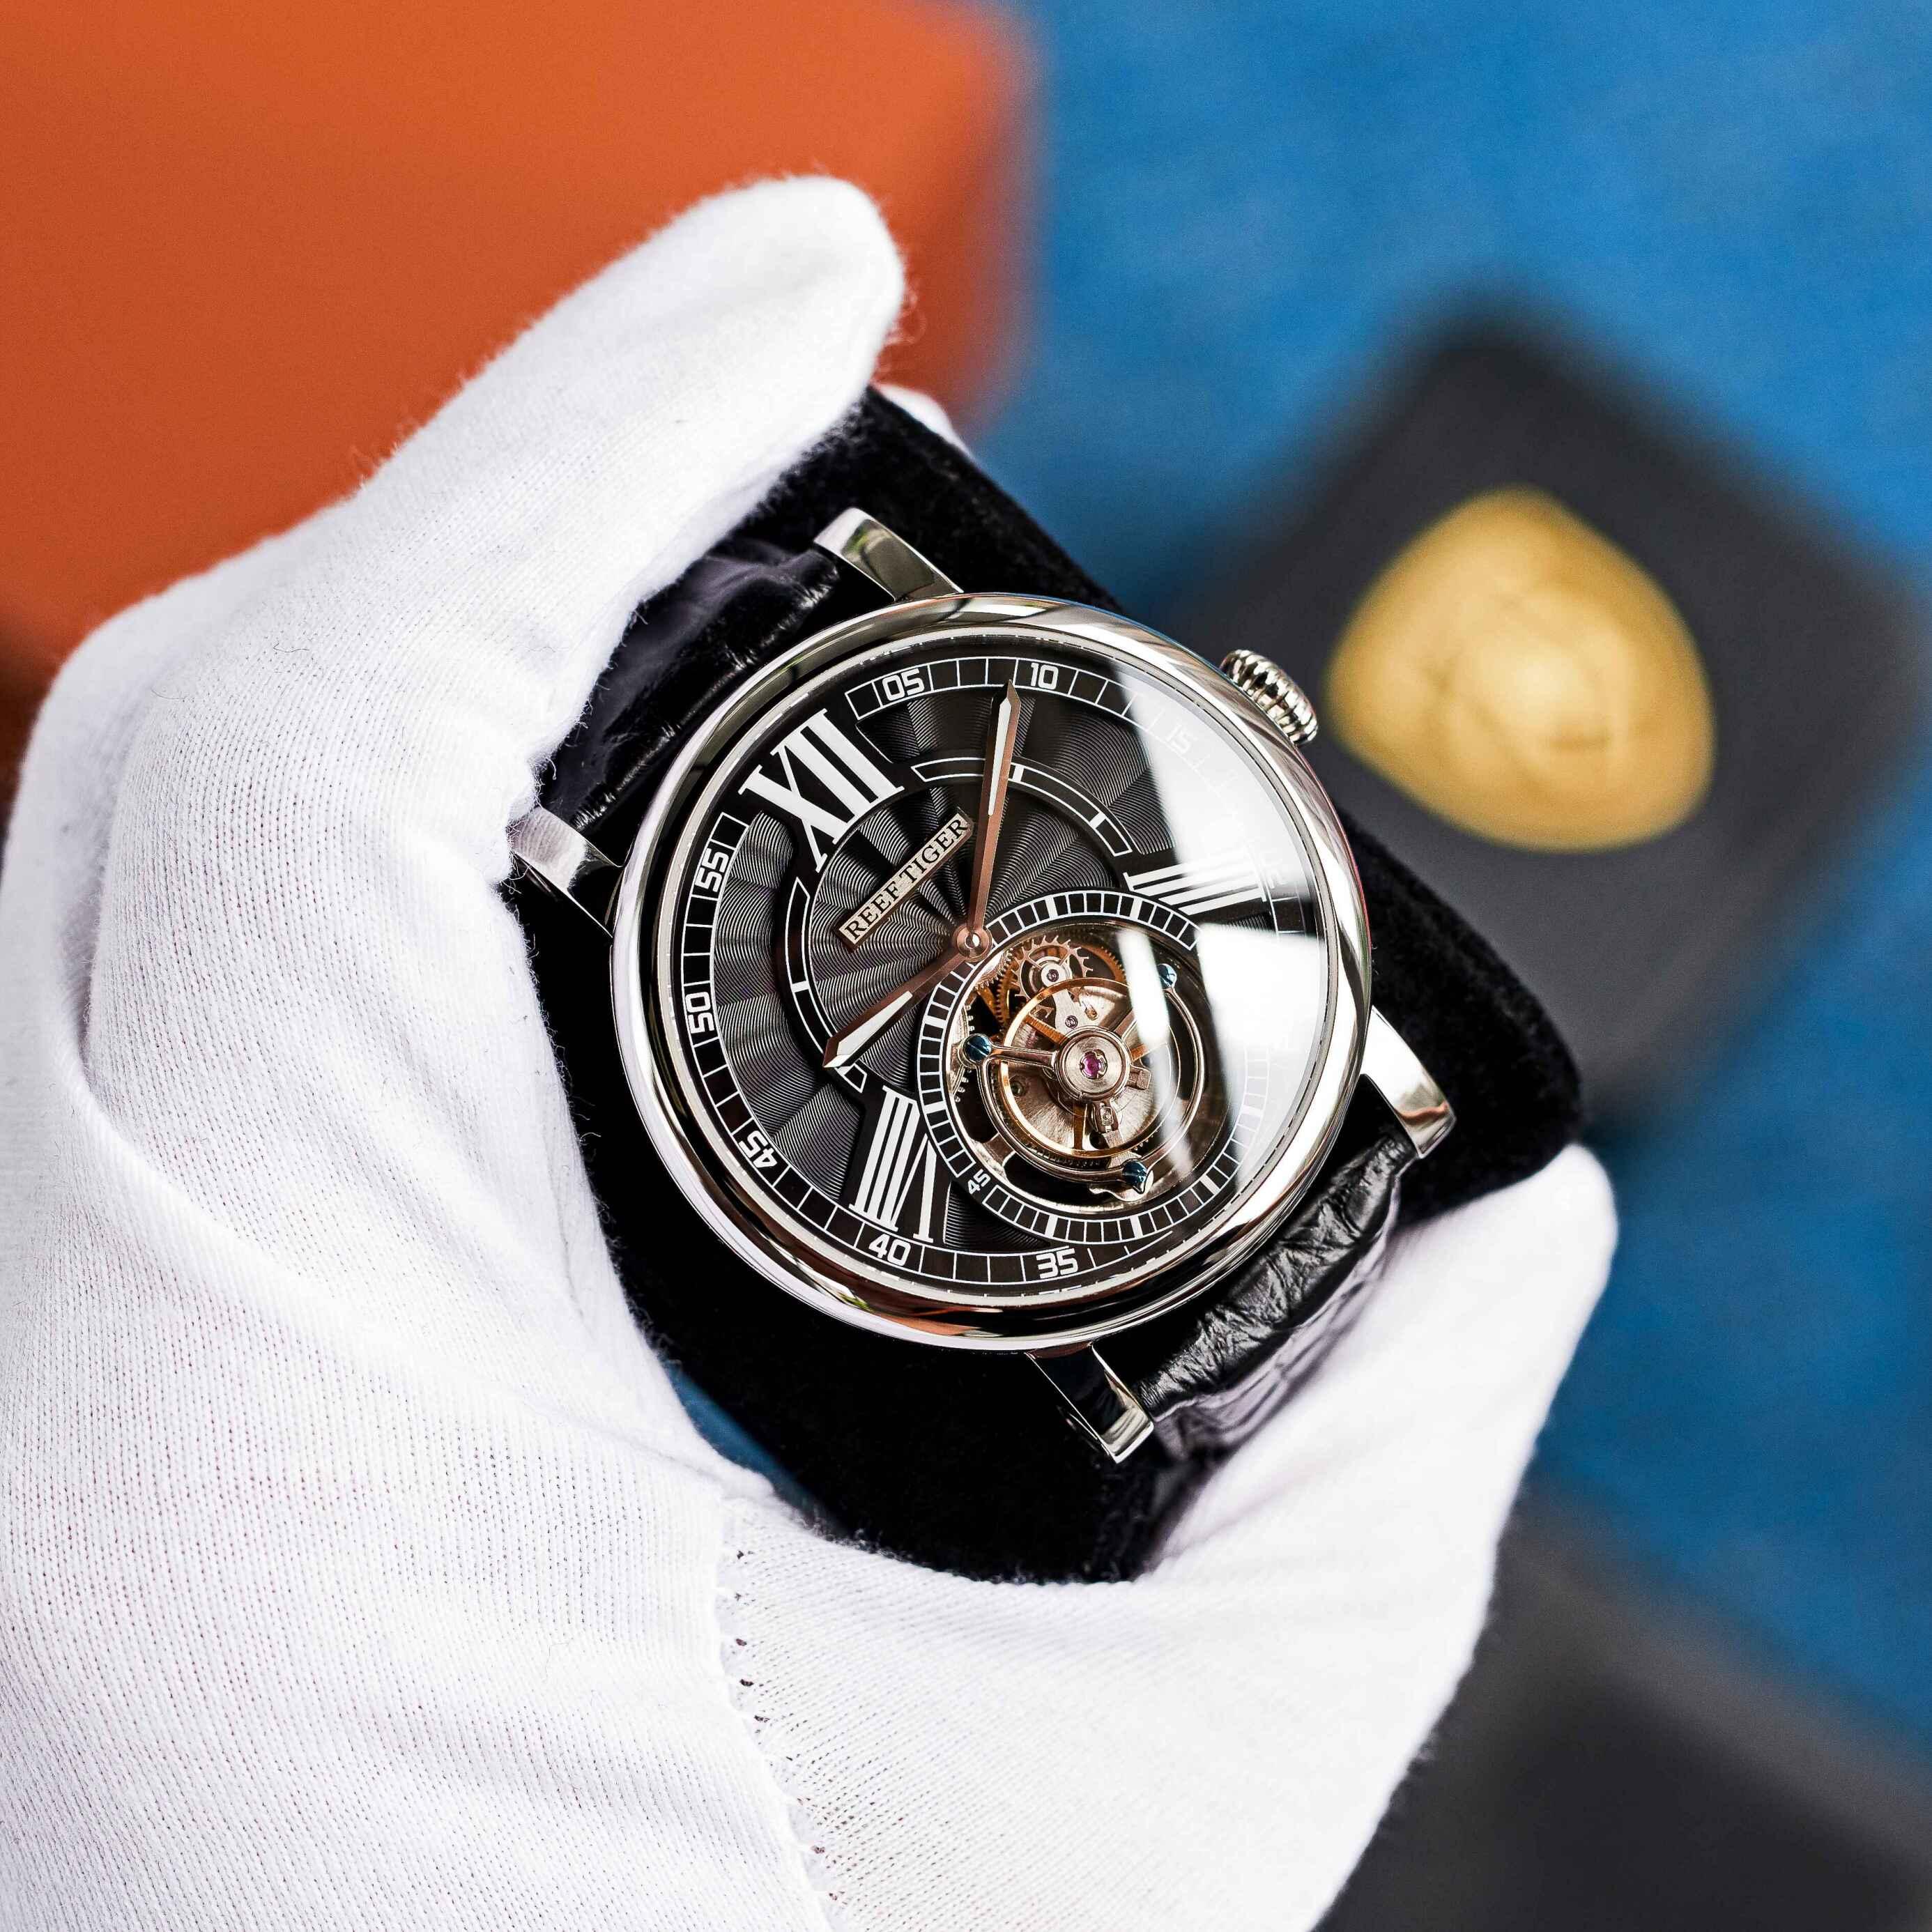 Риф Тигр/RT Роскошные повседневные часы для мужчин розовое золото ремешок аллигатора турбийон автоматические часы RGA1999|Механические часы|   | АлиЭкспресс